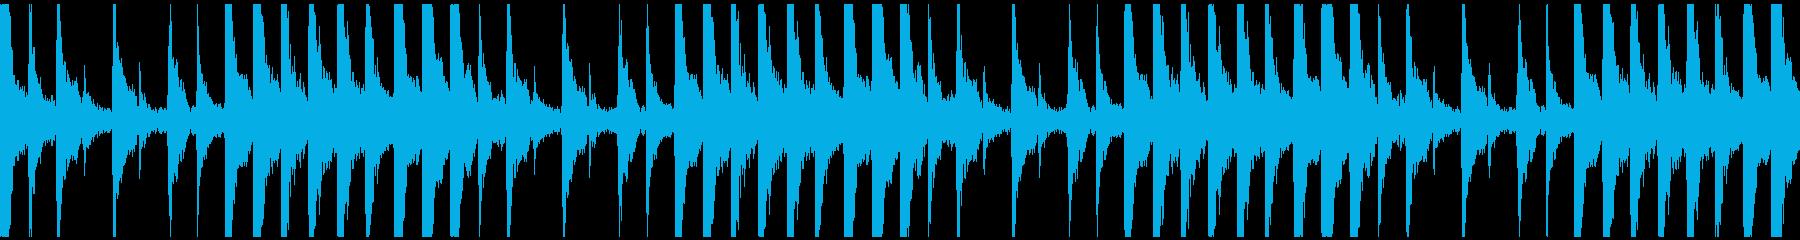 いたずら子供、ピチカート、サウンドロゴLの再生済みの波形